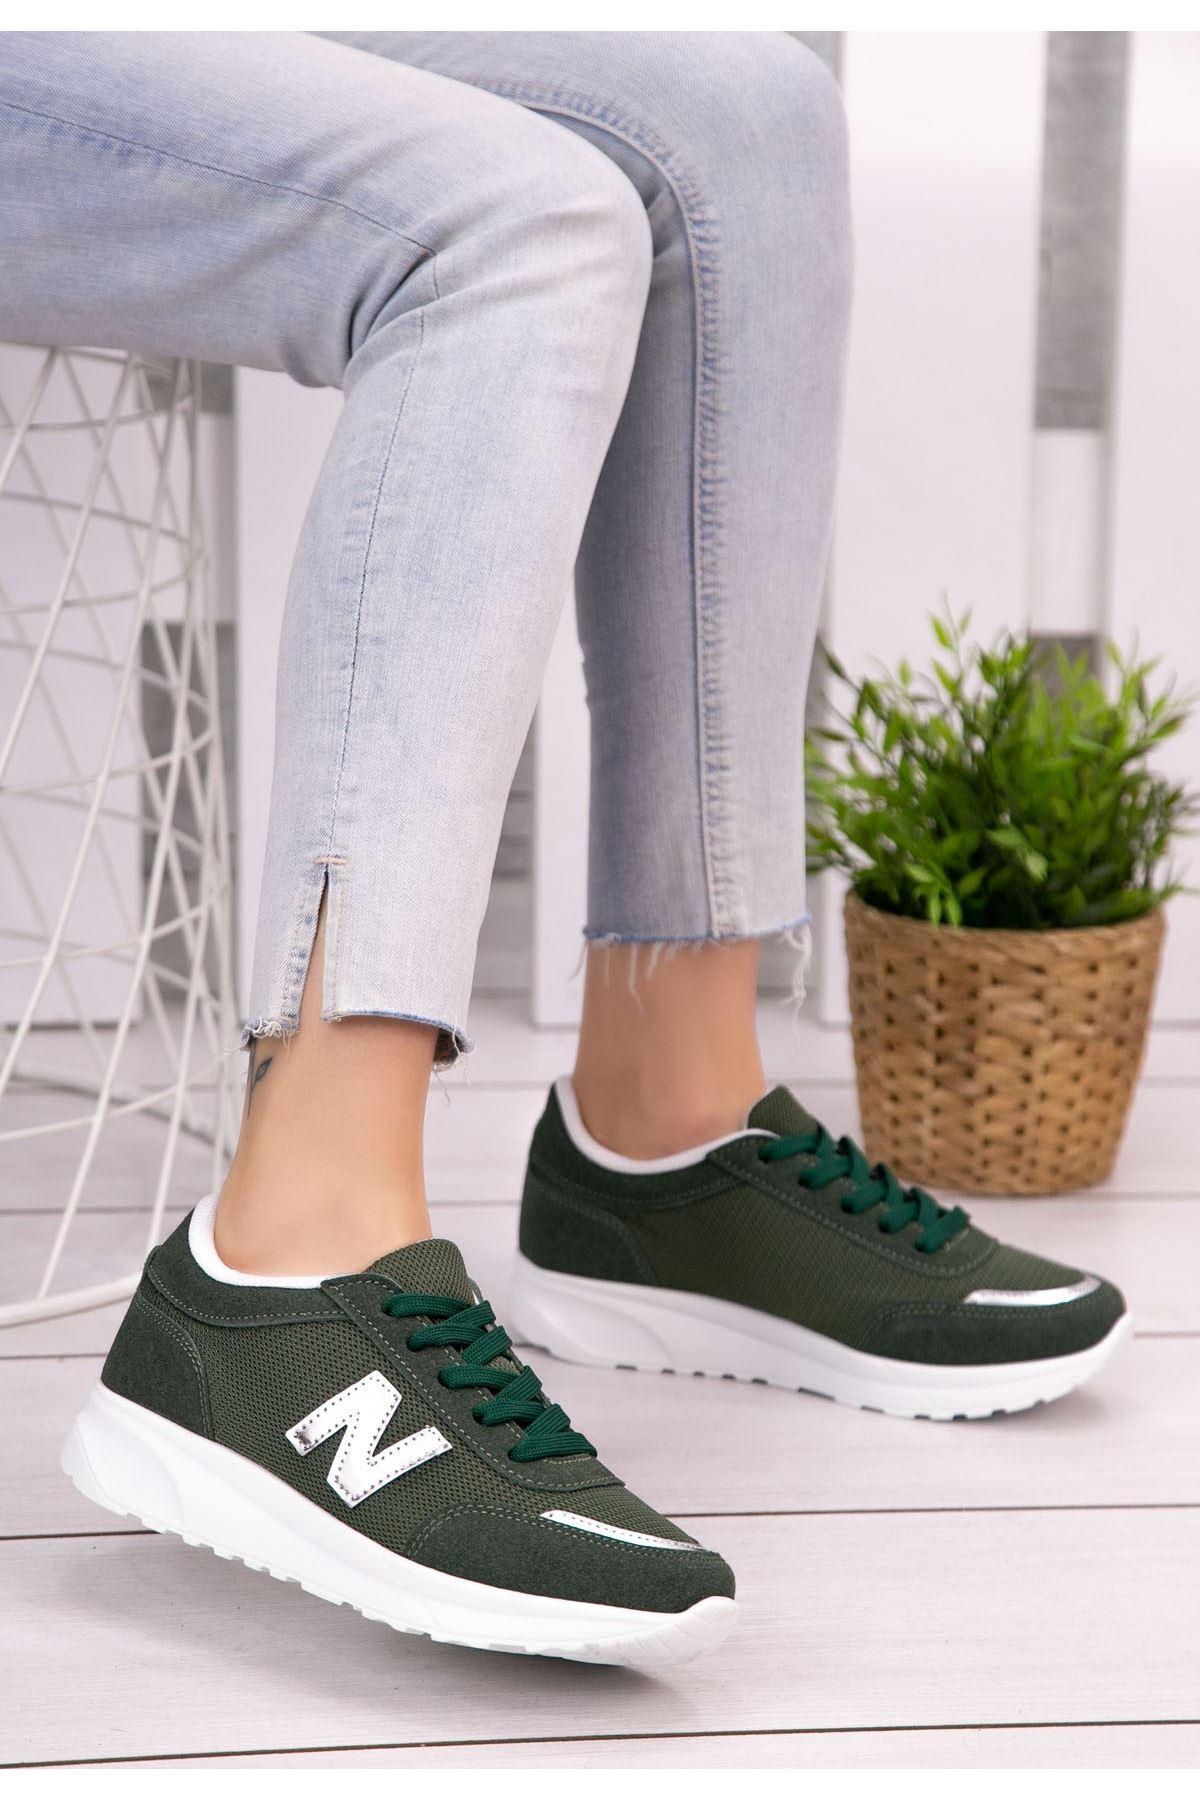 Serc Haki Yeşil Nubuk Bağcıklı Spor Ayakkabı